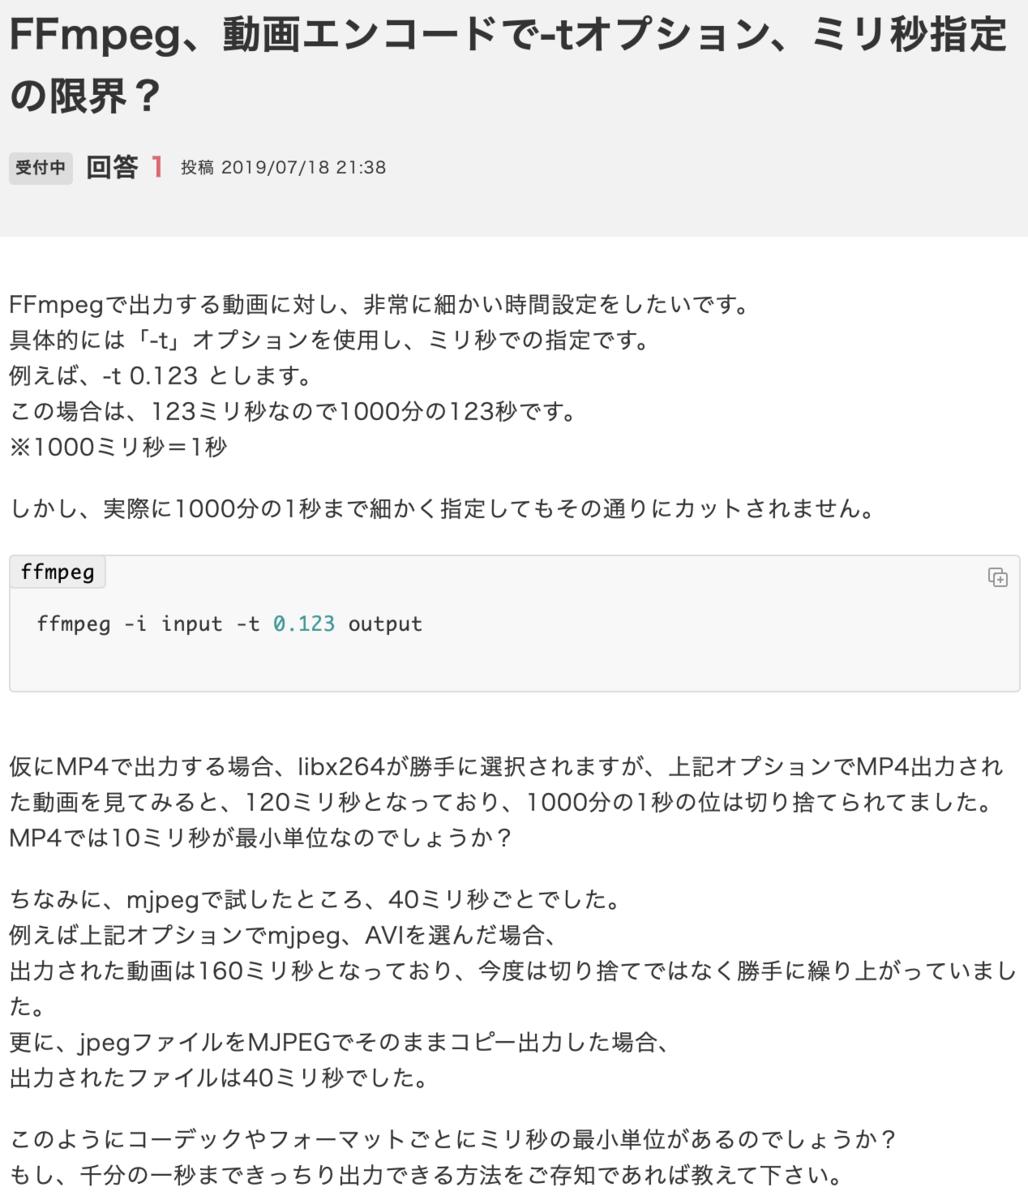 f:id:min117:20200719004525p:plain